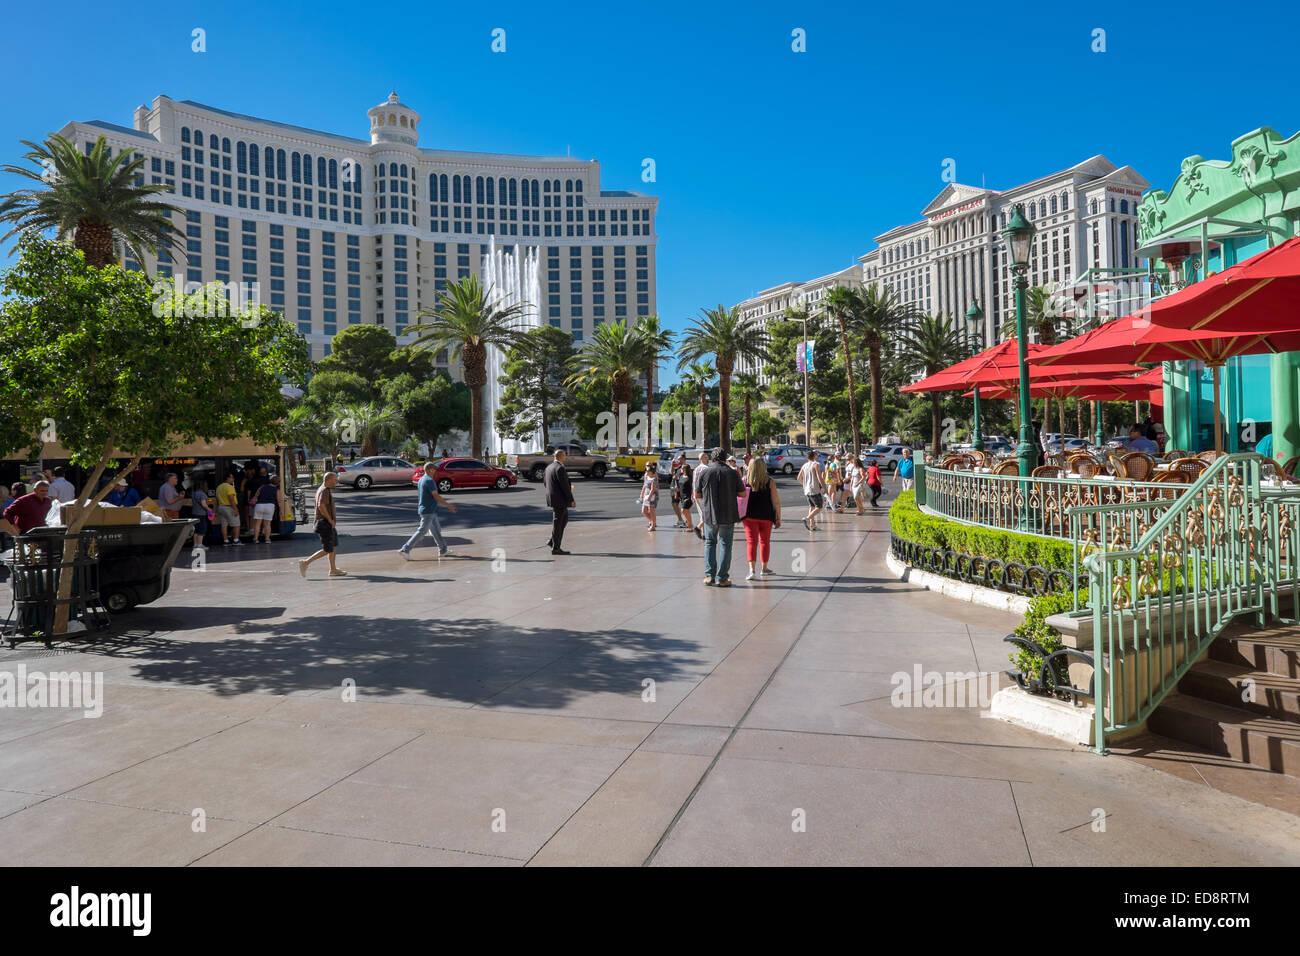 Außenbereich des Bellagio (links) und Caesars Palace (rechts) auf der anderen Seite des Las Vegas Boulevard. Stockbild